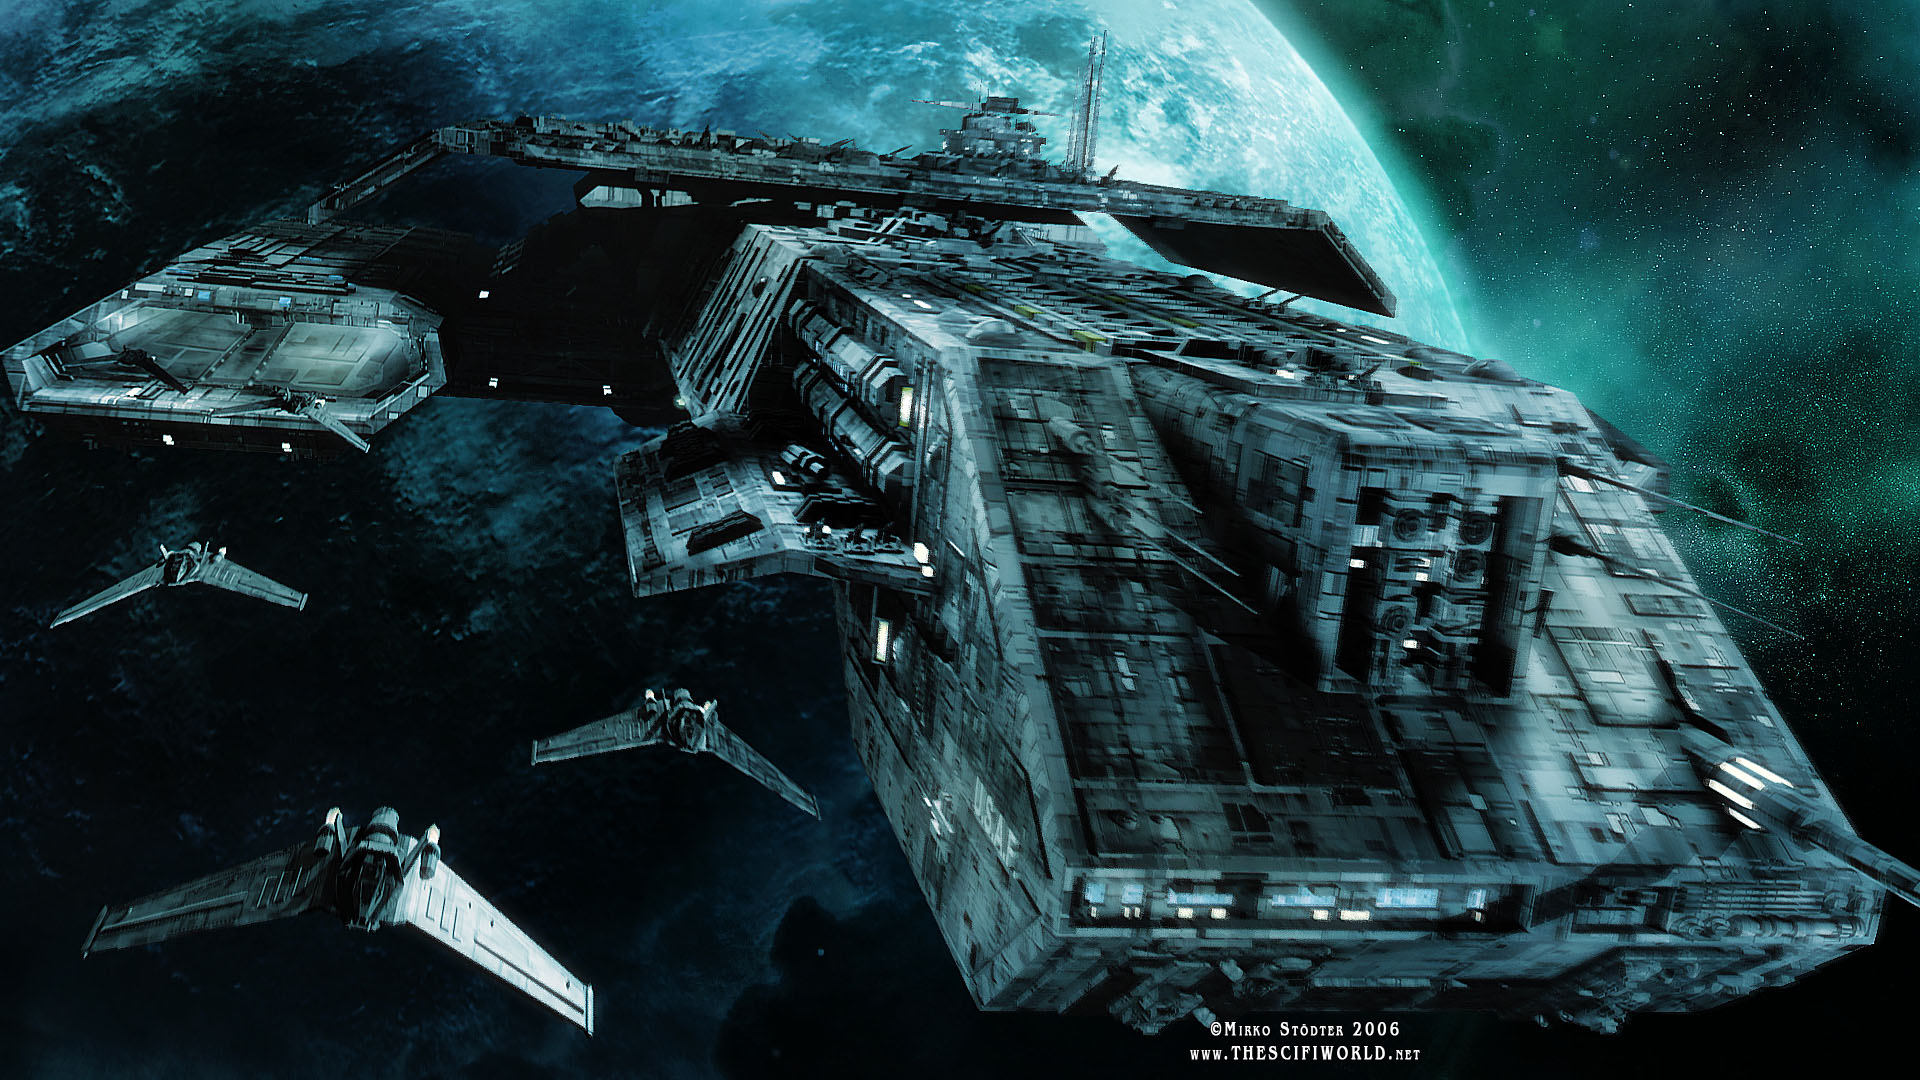 prometheus spacecraft stargate - photo #17